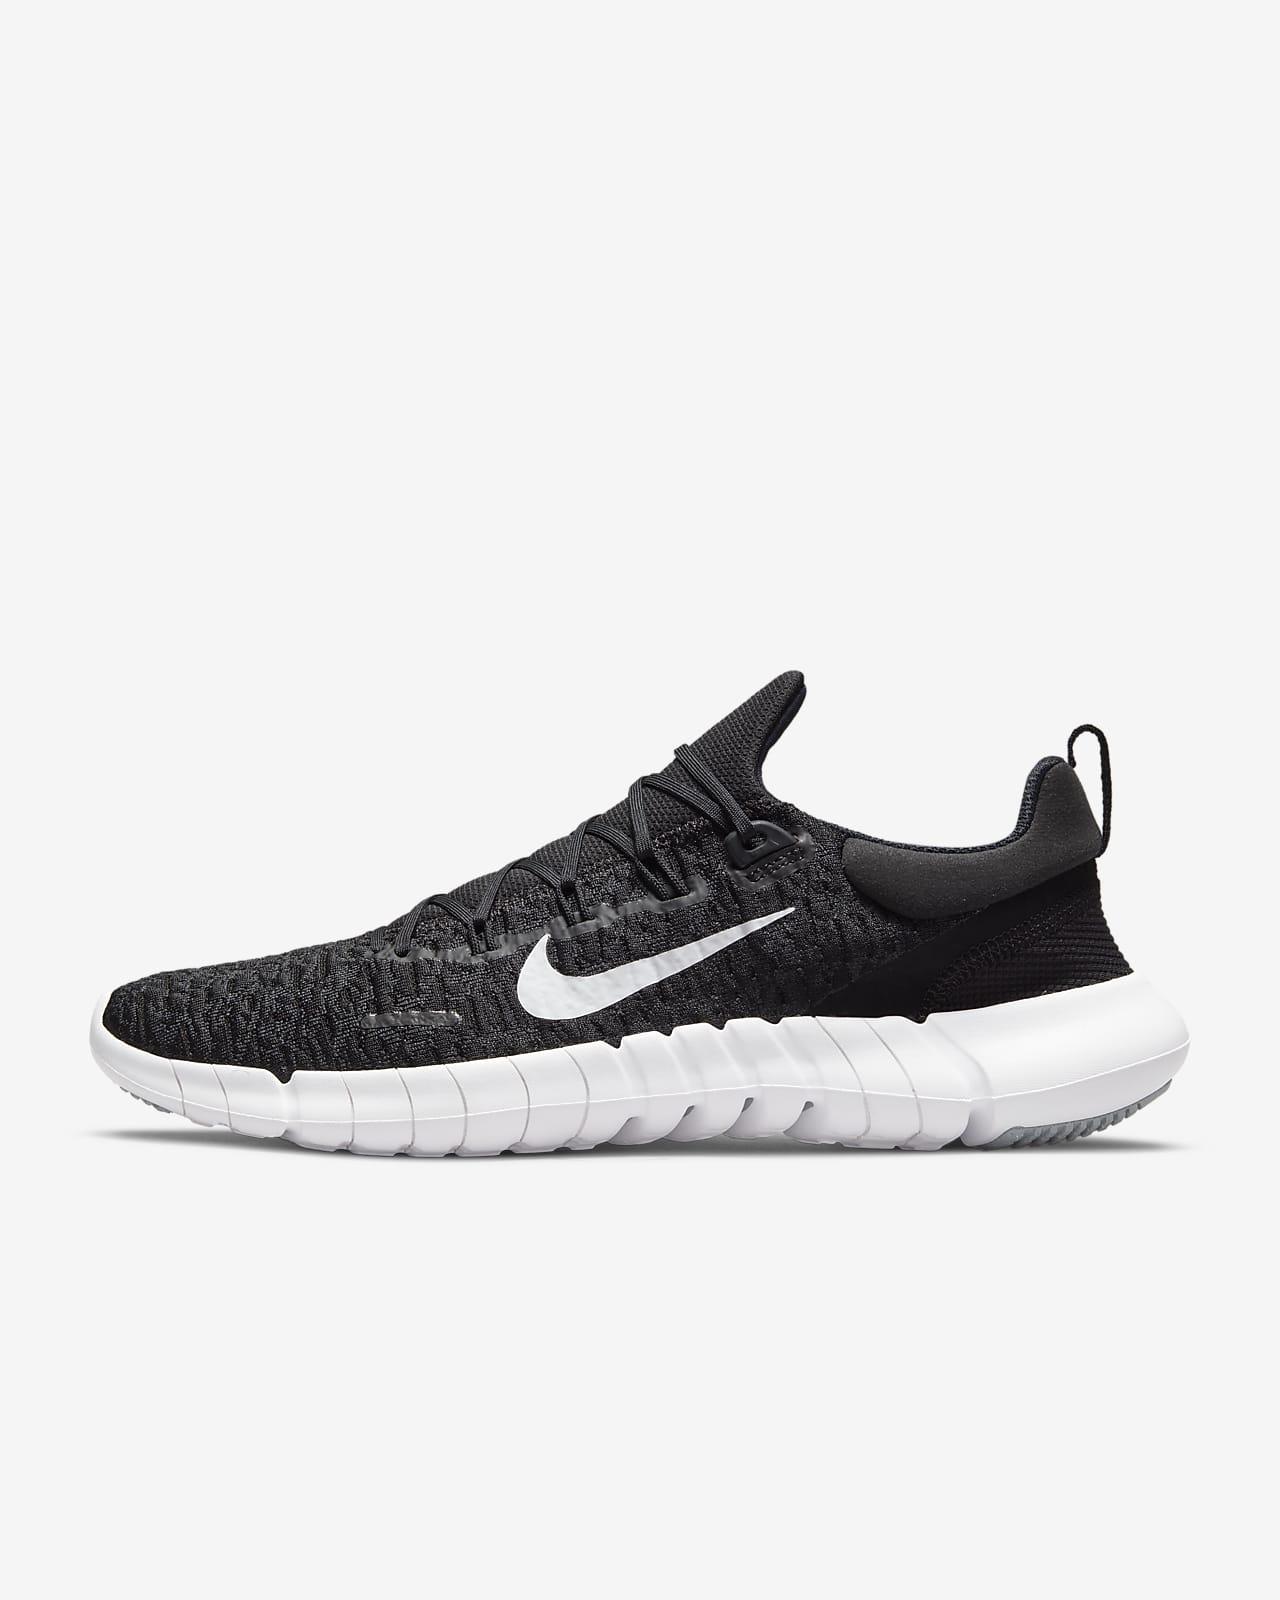 Nike Free Run 5.0 Zapatillas de running para asfalto - Hombre